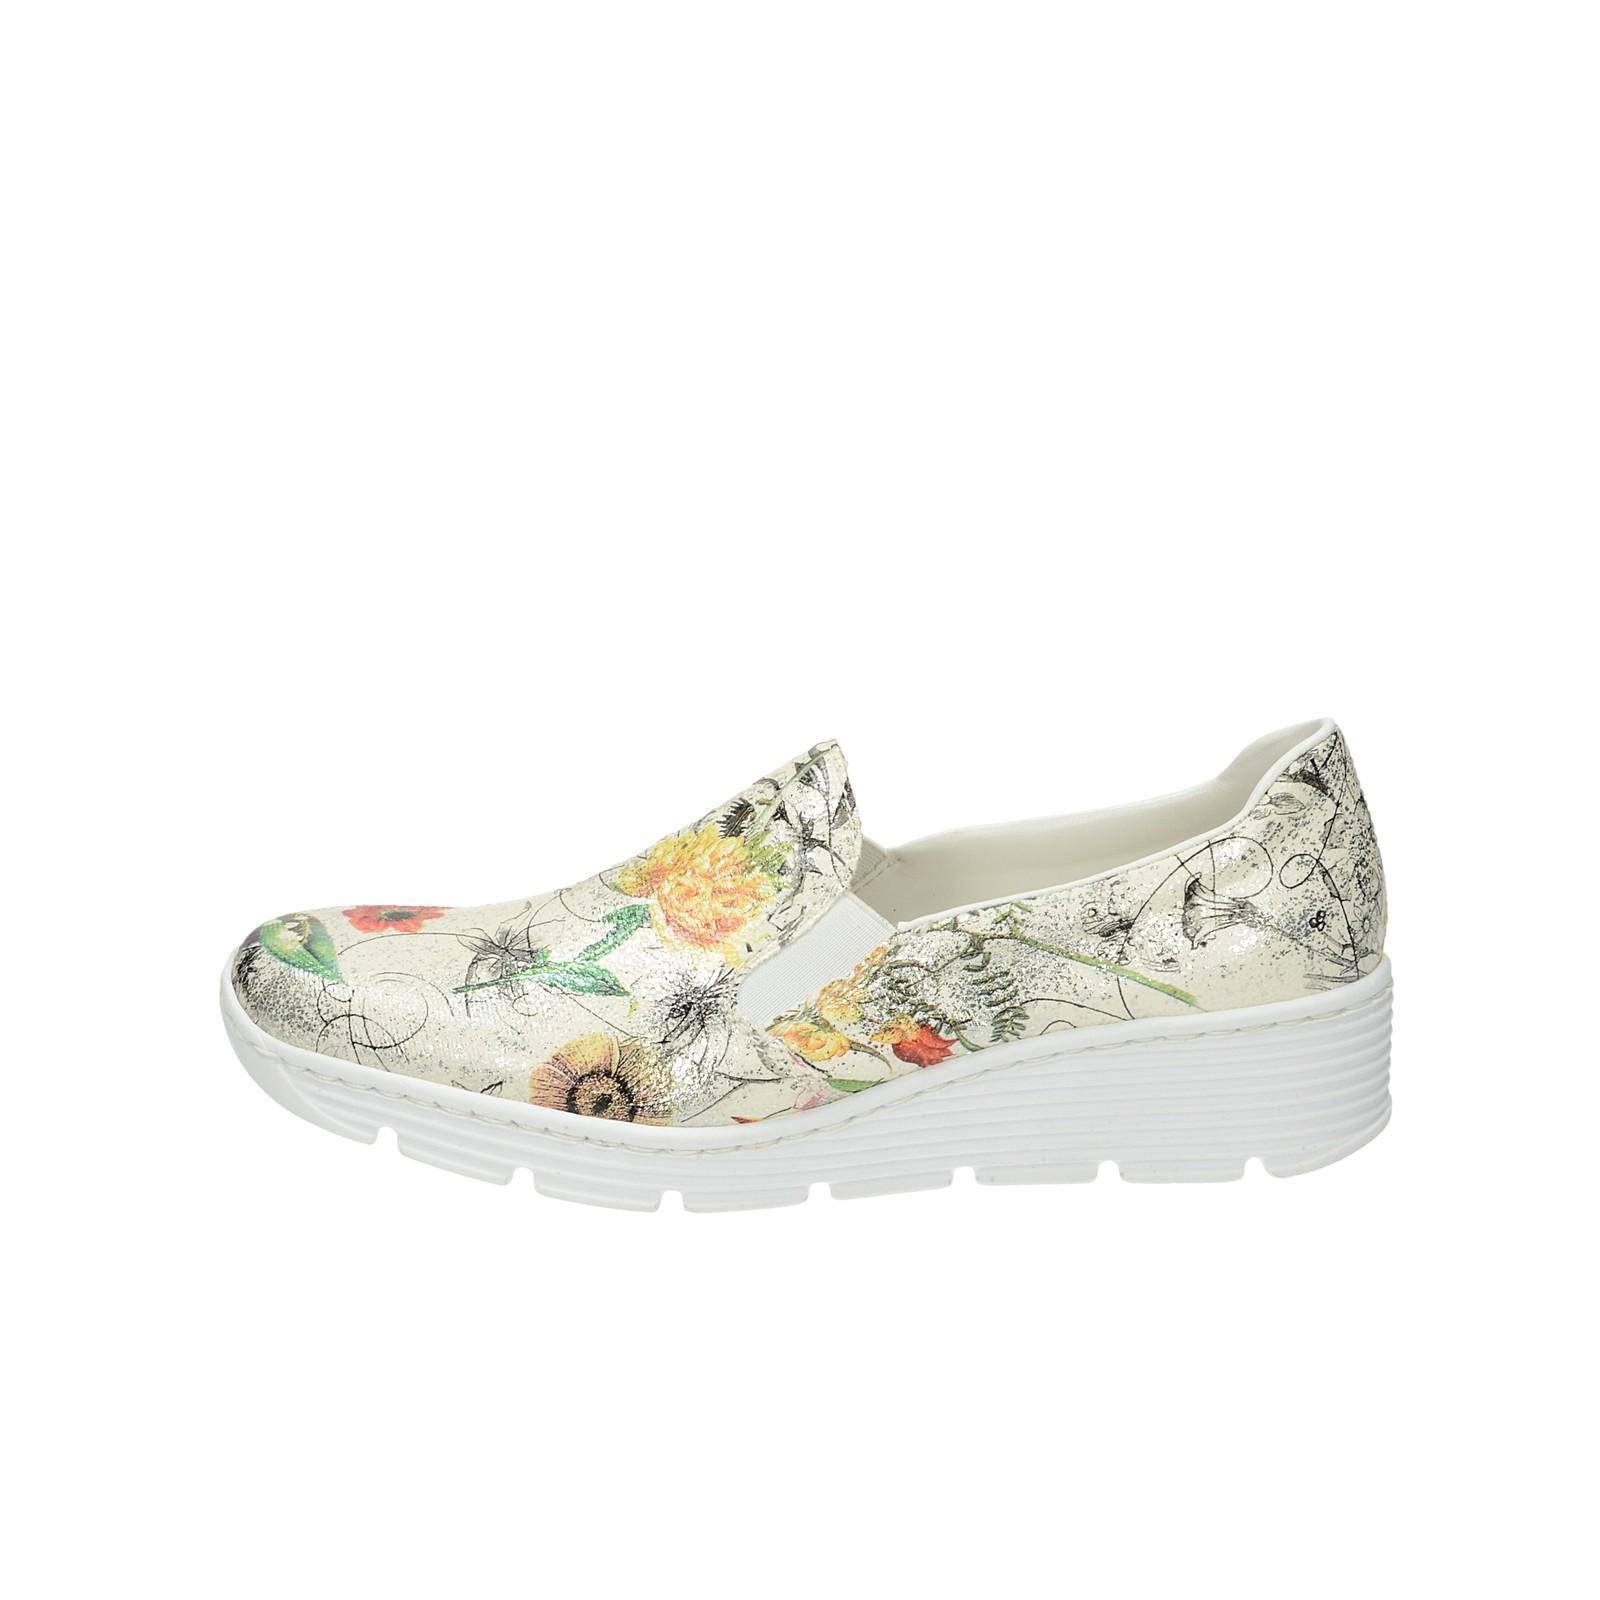 bd0355a6e9d1c Rieker dámské polobotky s květinovým vzorem - multicolor | 5876690 ...